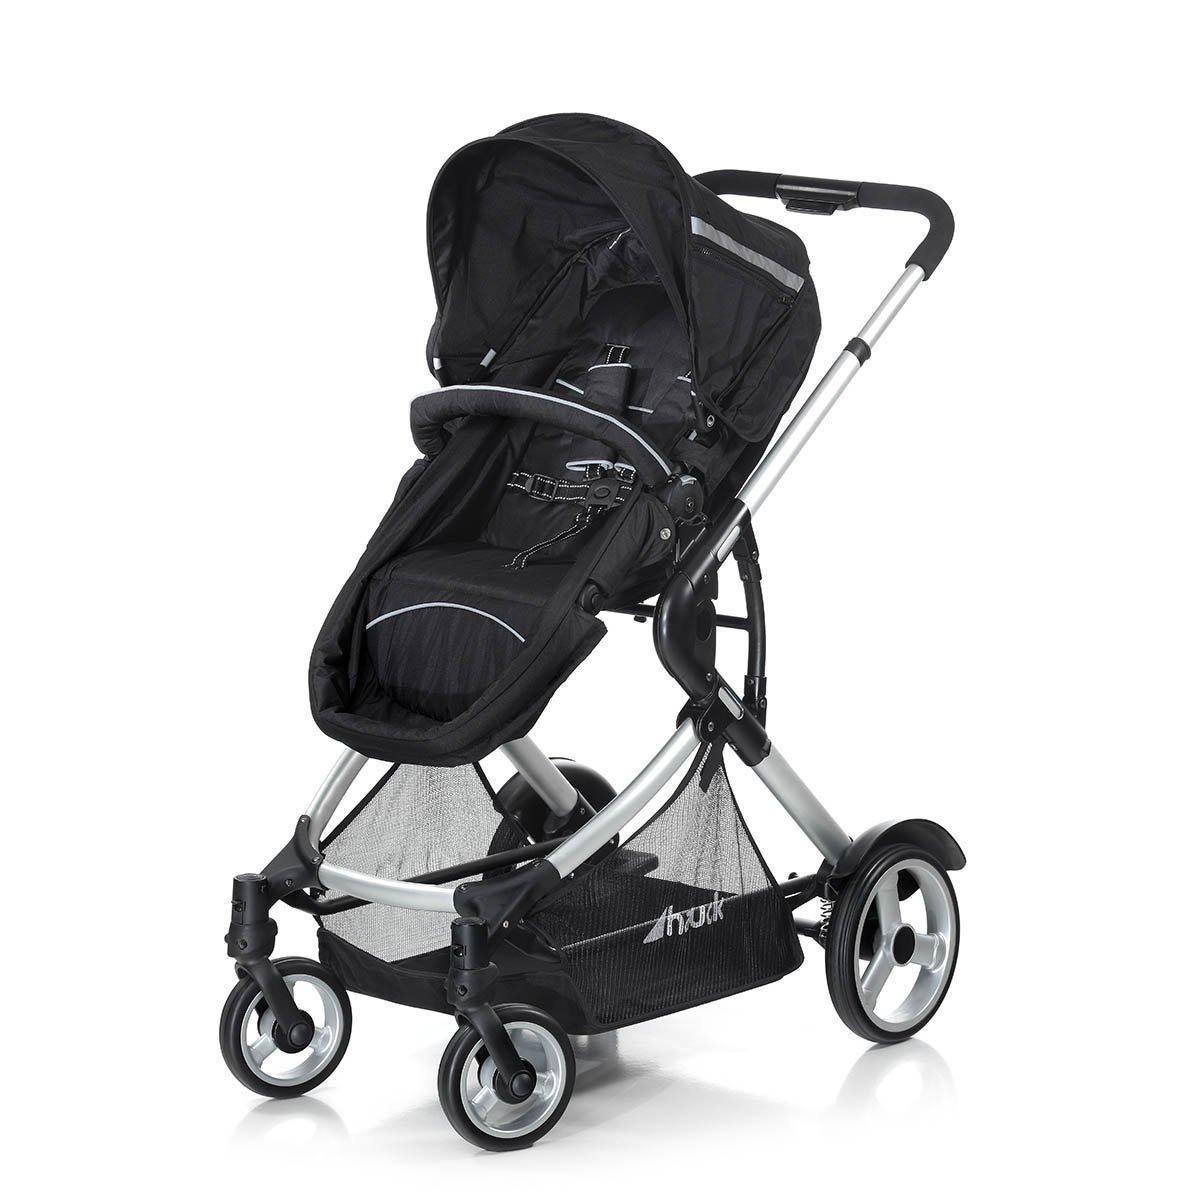 Hauck Duett - Carrito de bebé para 2 niños de diferentes ...